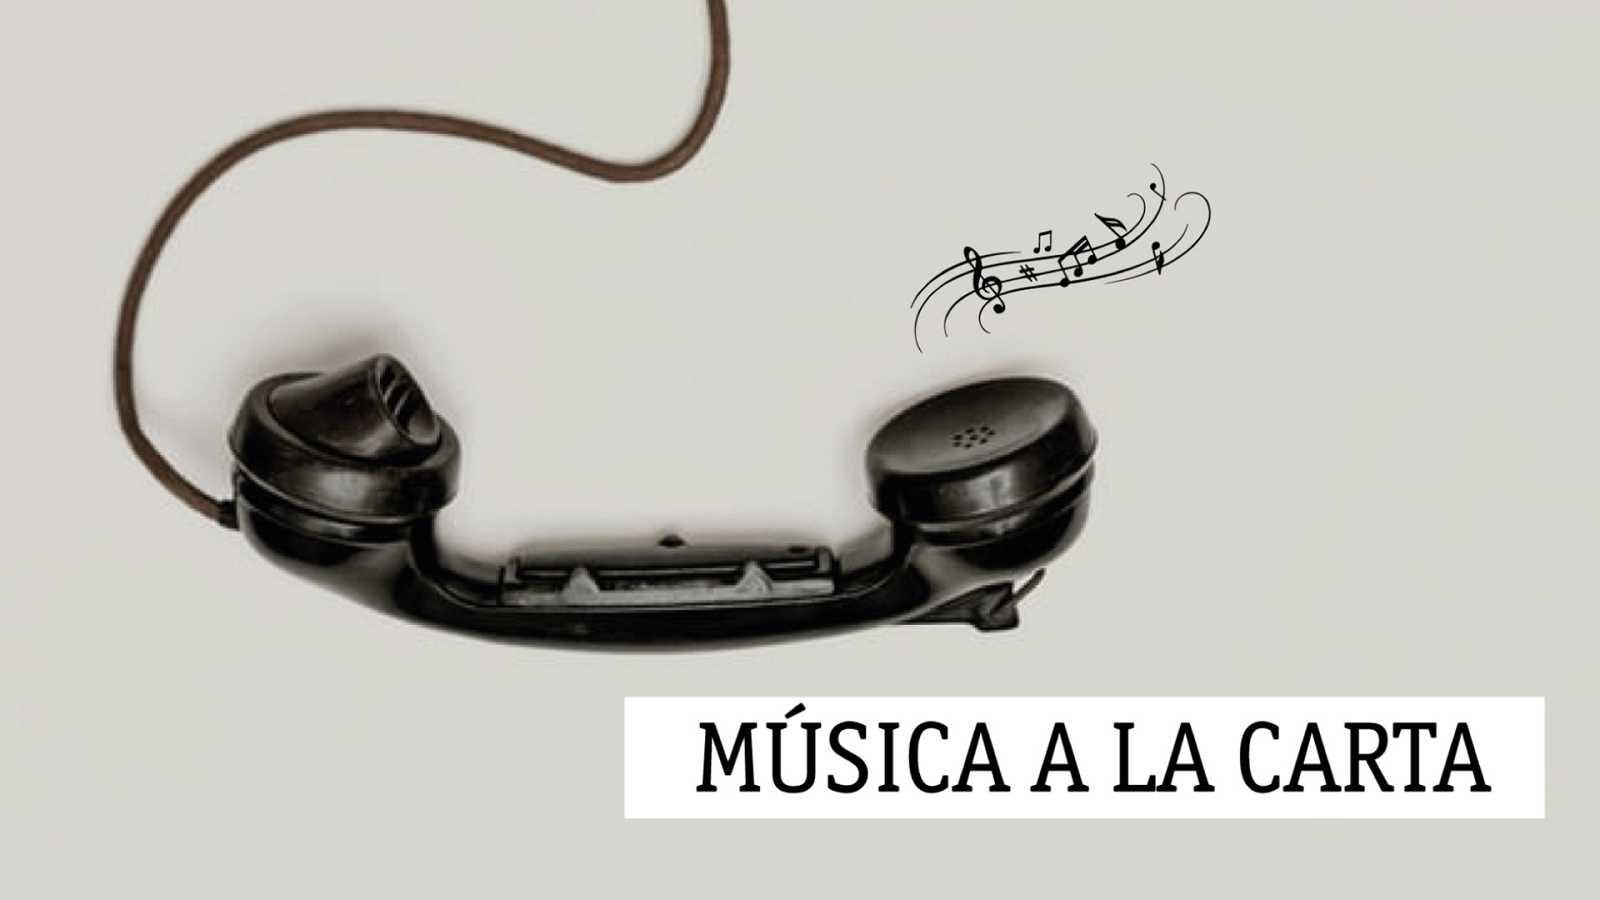 Música a la carta - 10/06/21 - escuchar ahora